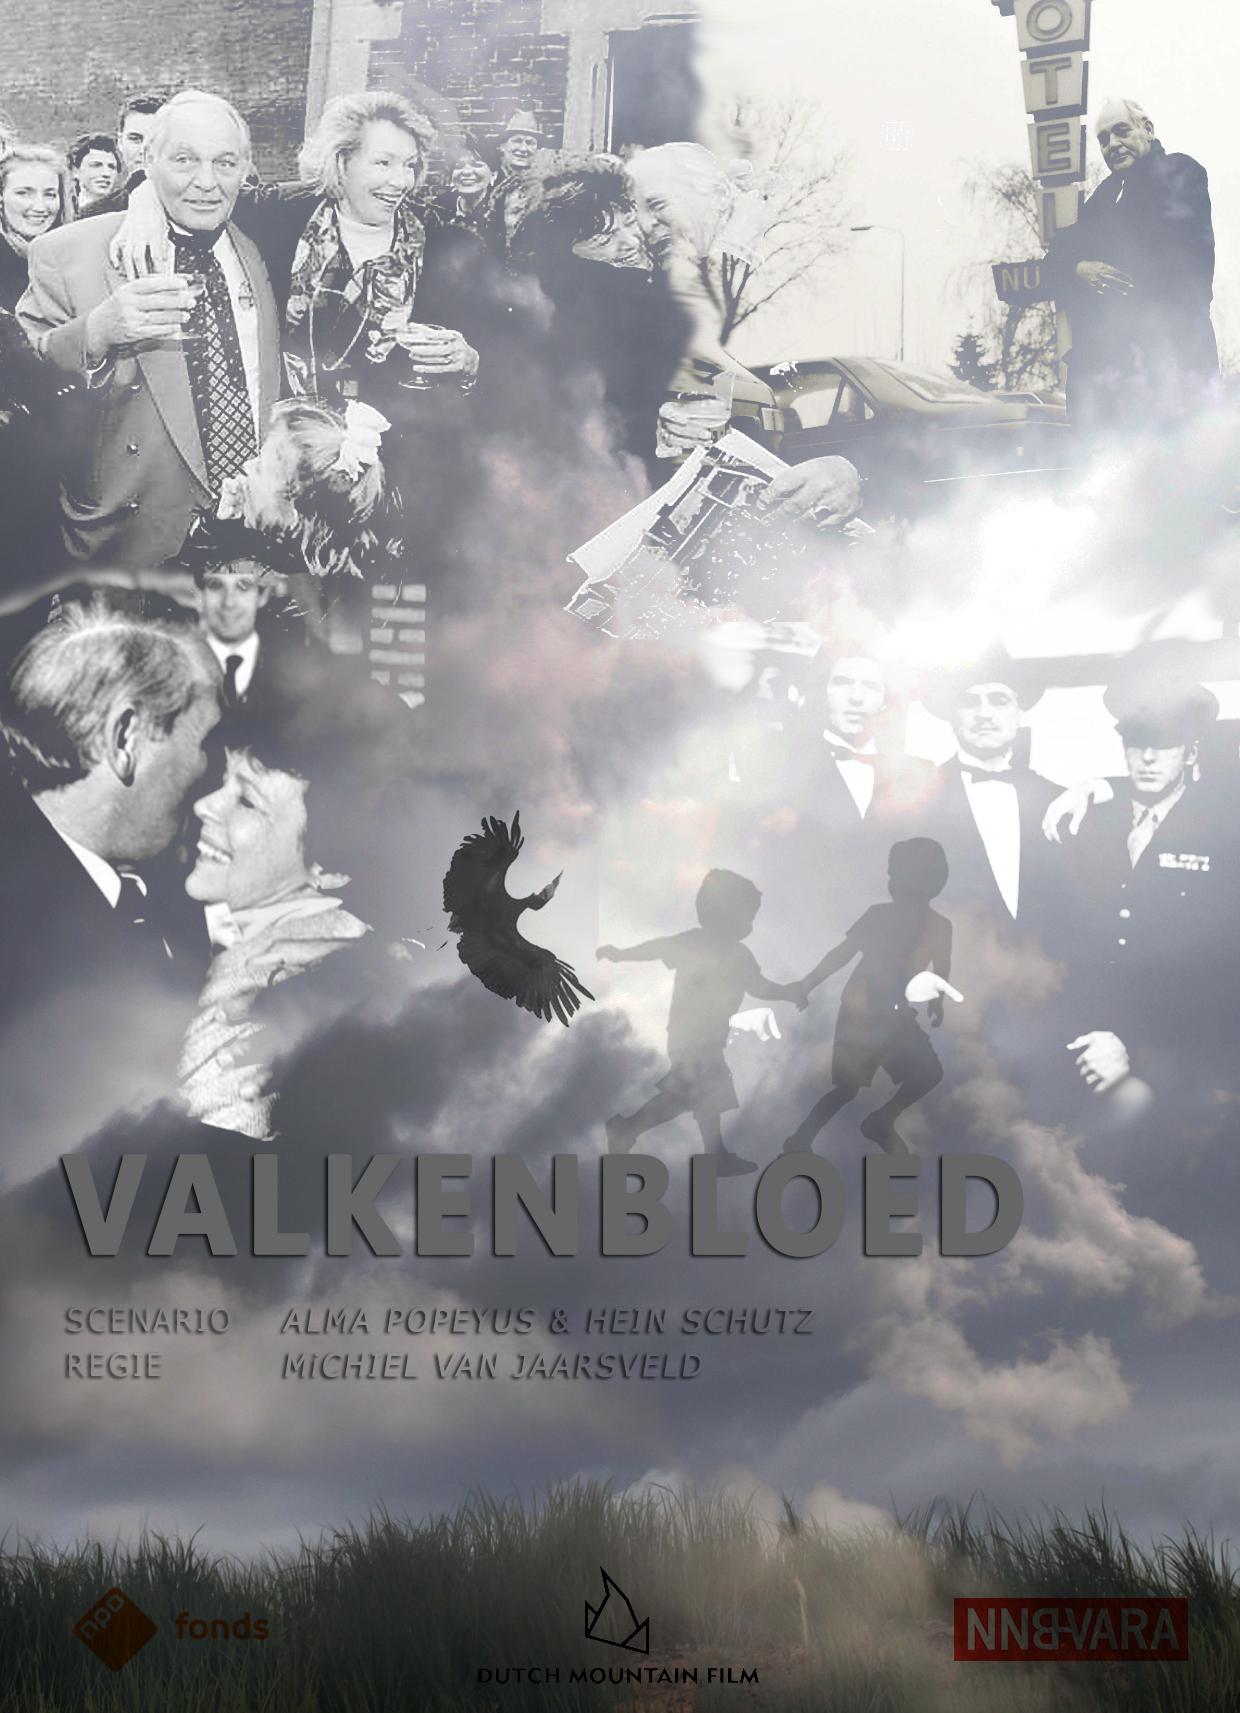 Valkenbloed poster 4 v3